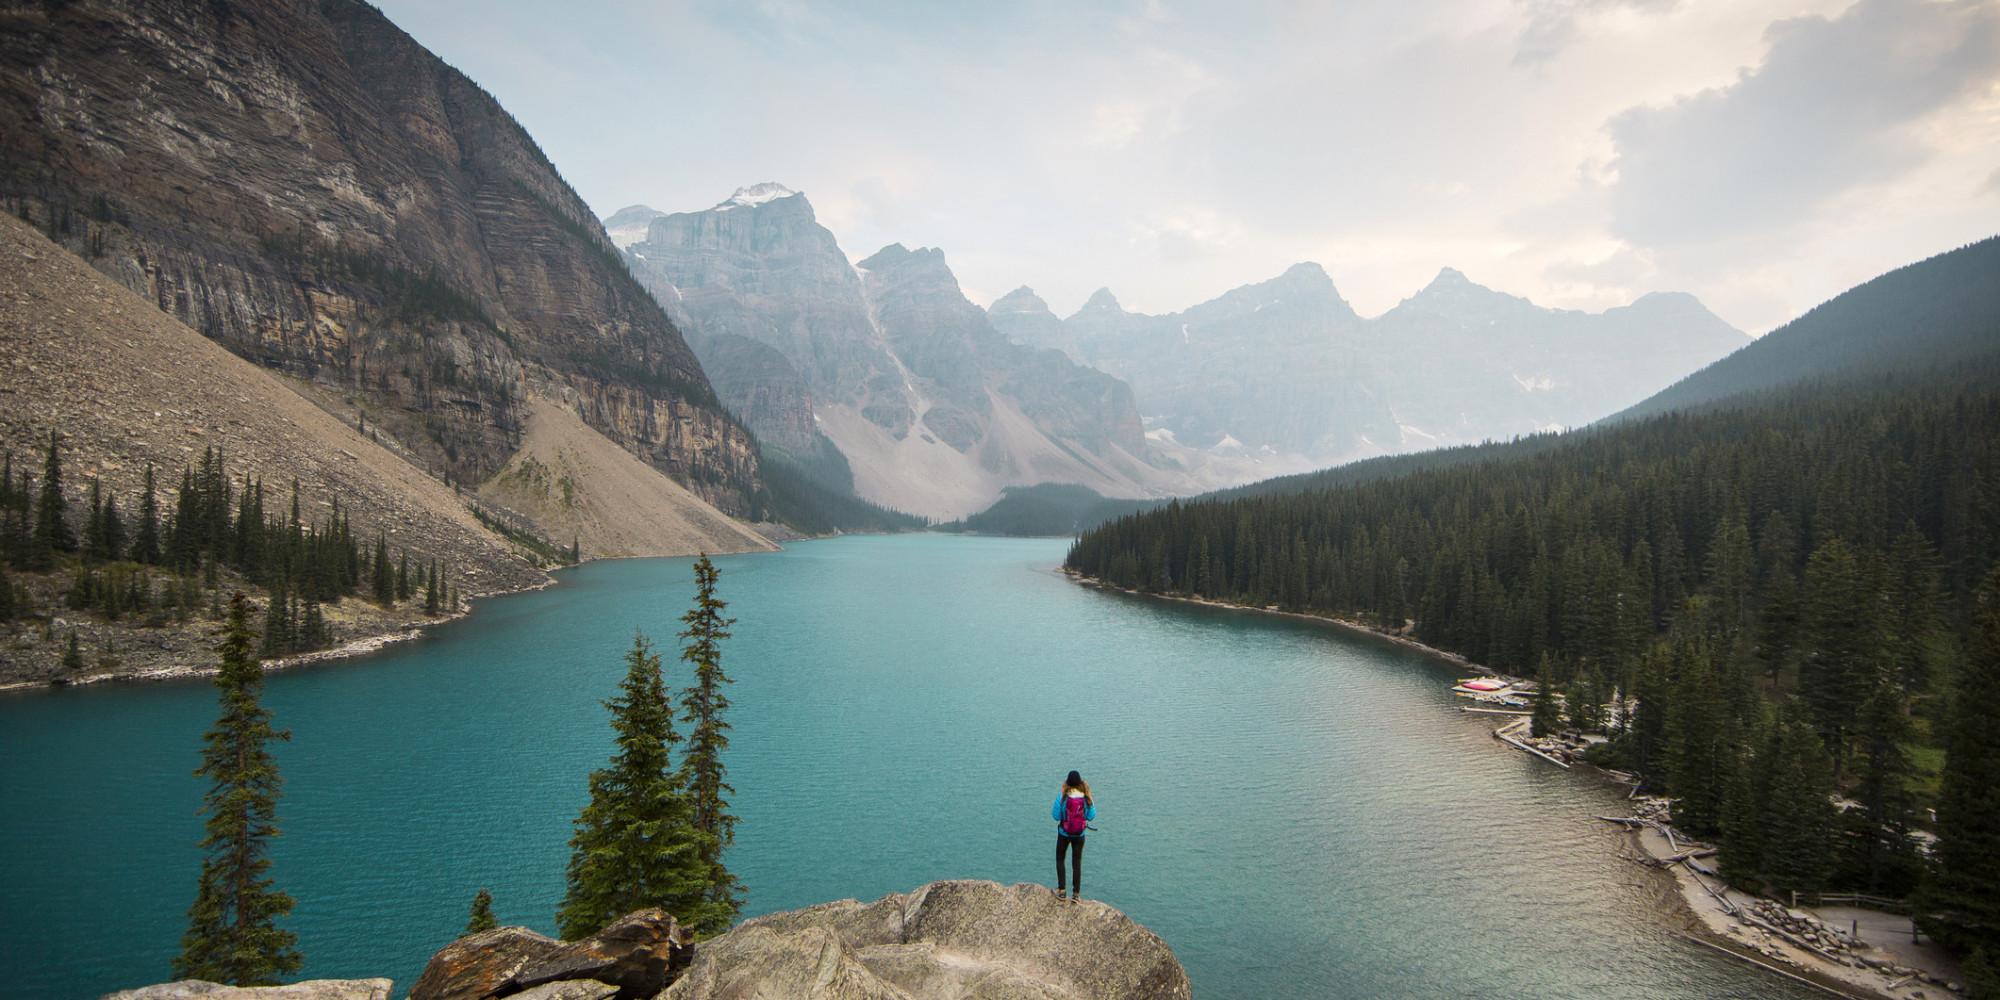 Alberta Campground Guide - autoyas.com